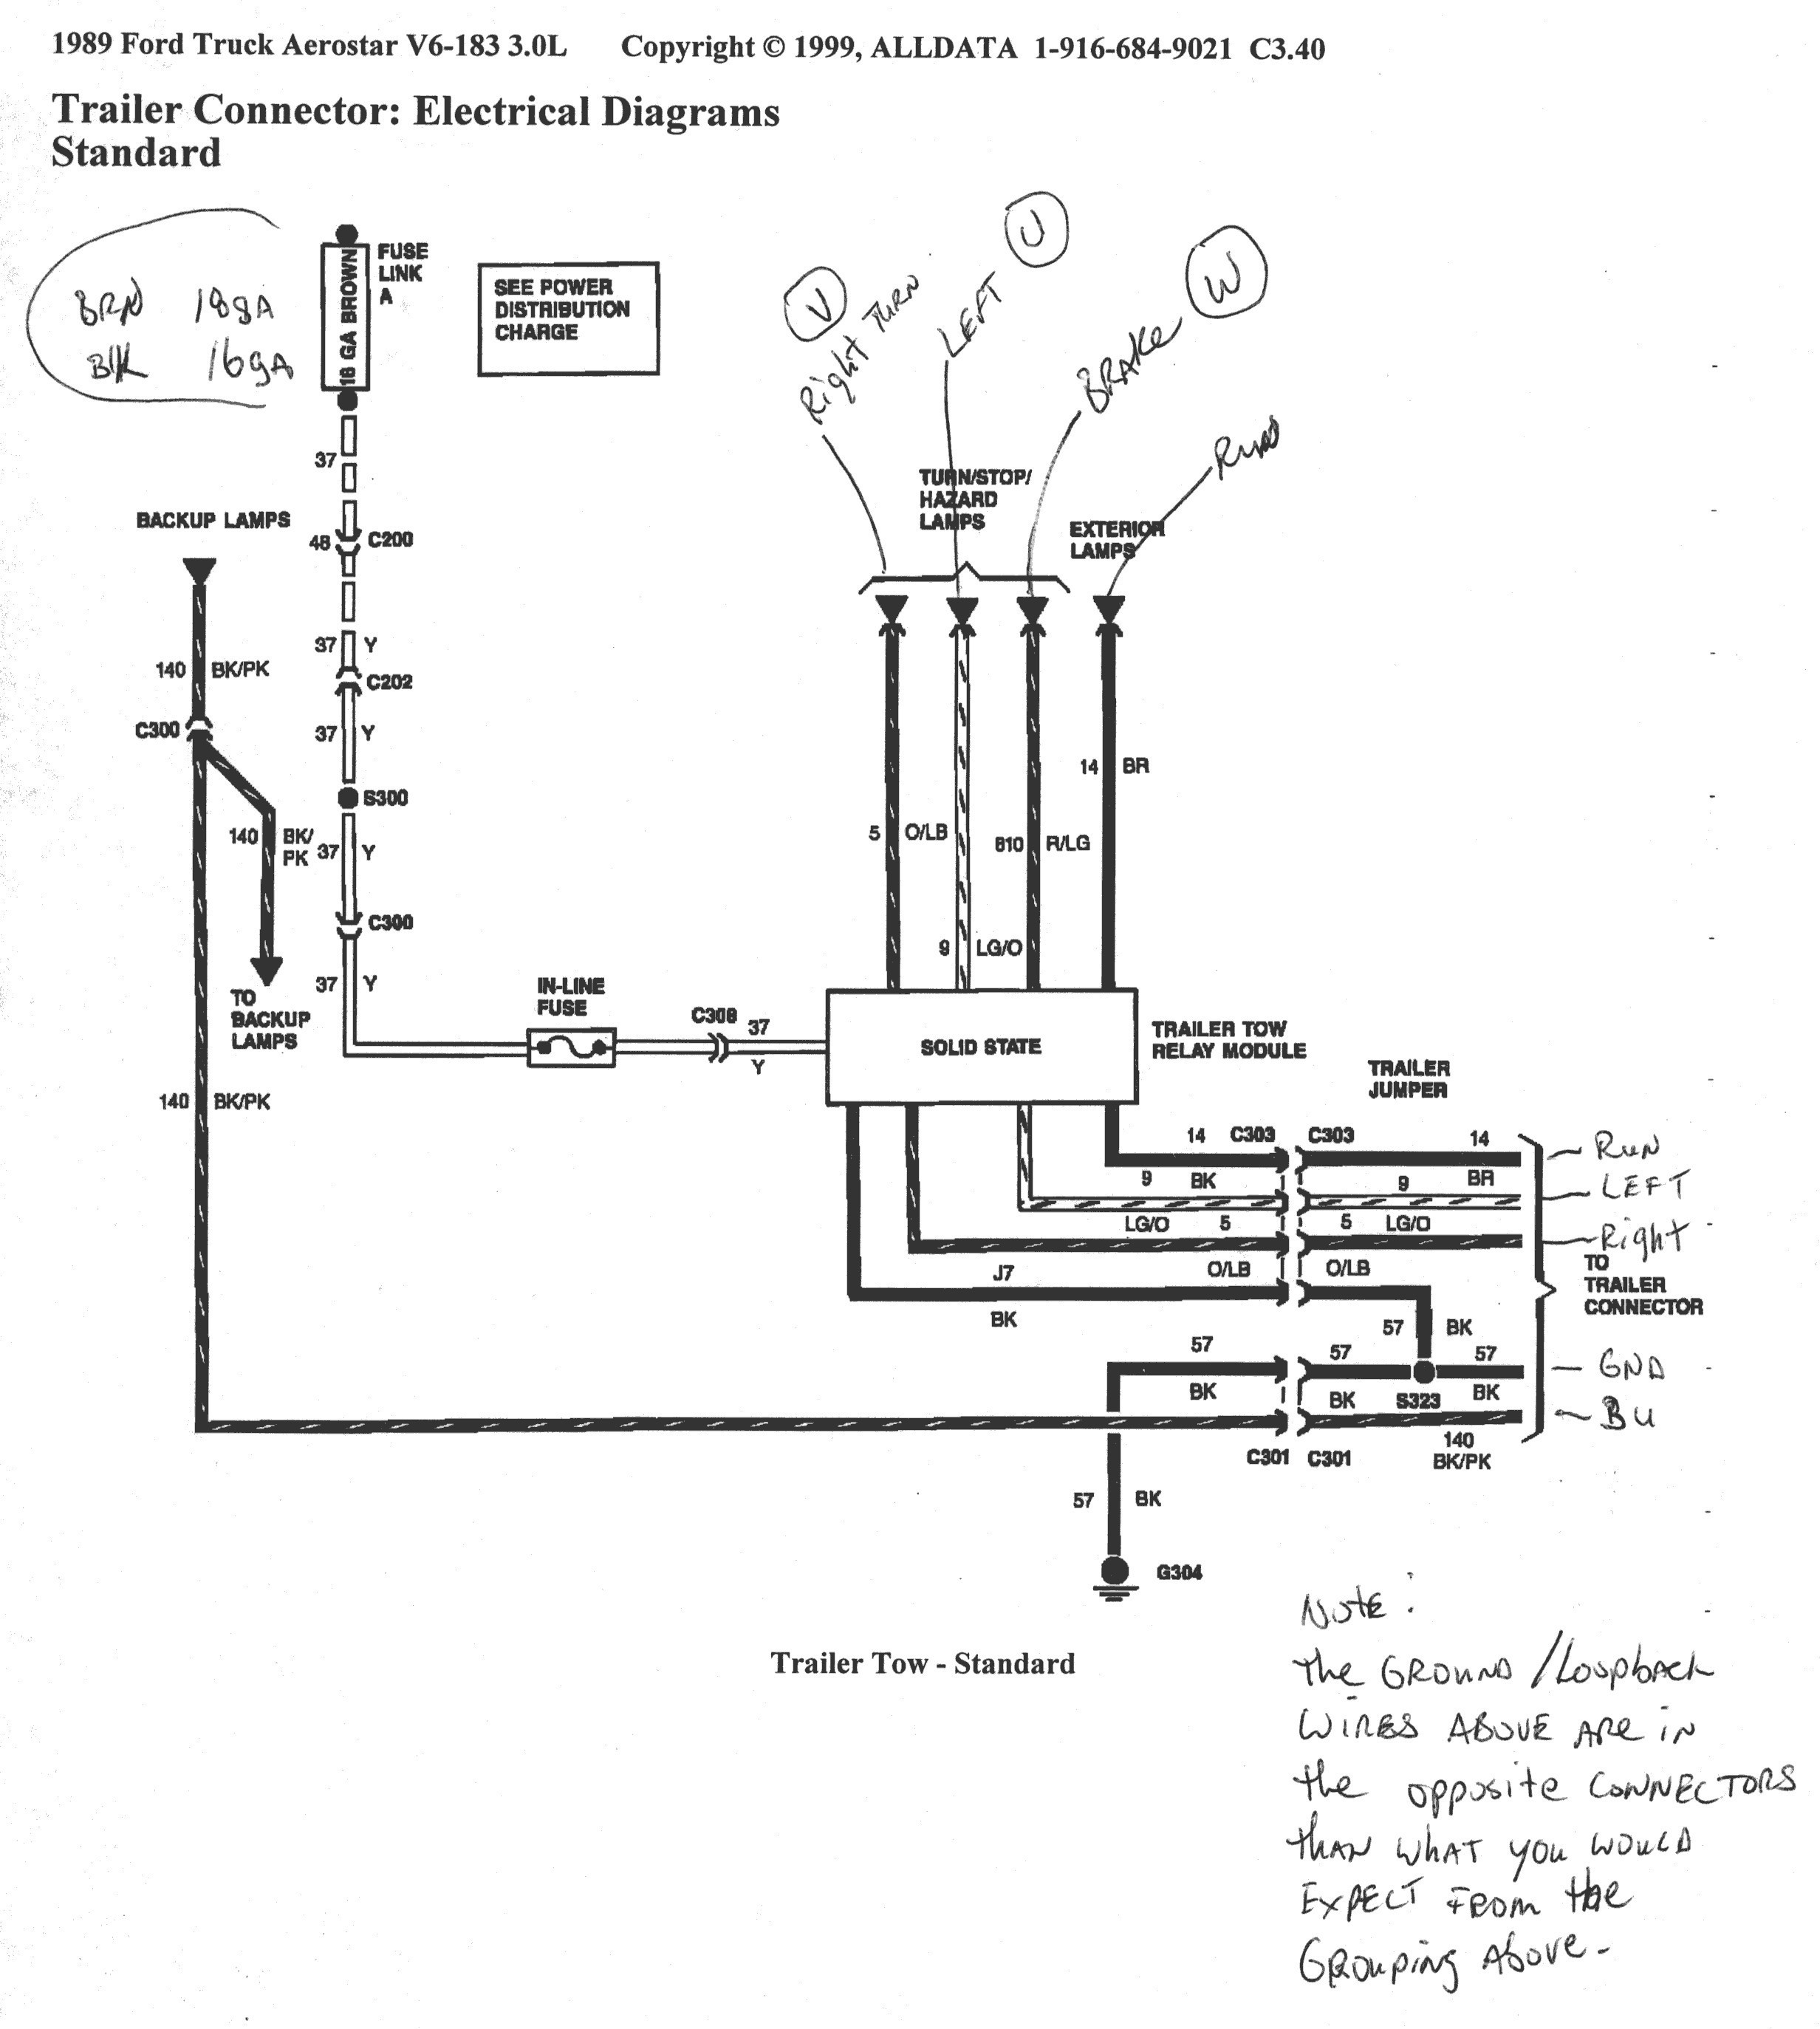 1997 ford F150 Wiring Diagram 97 ford F 150 4 Way Trailer Wiring Diagram Data Wiring Diagrams • Of 1997 ford F150 Wiring Diagram